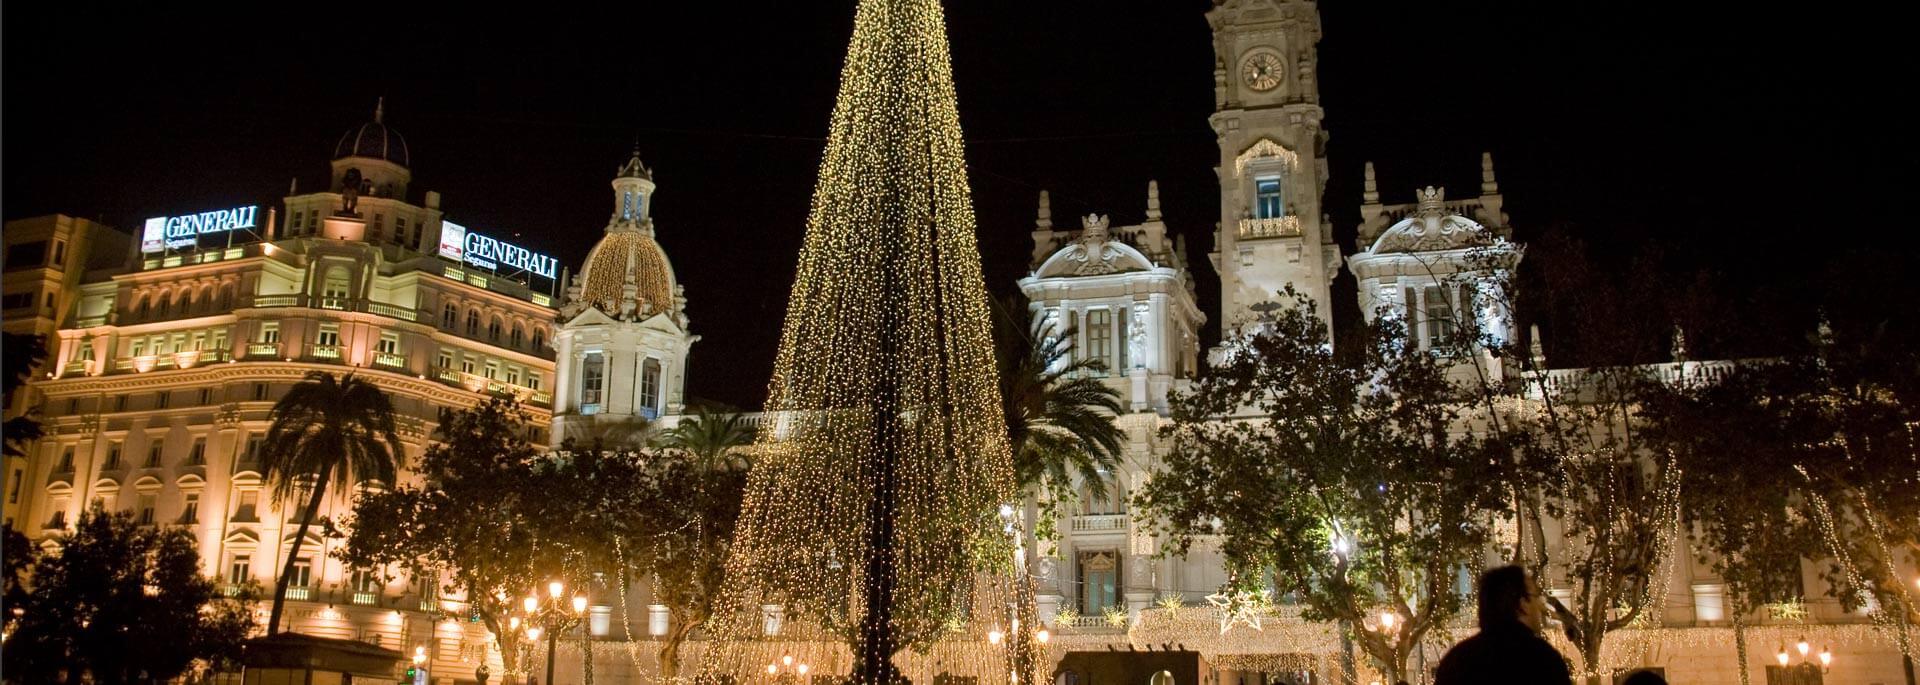 Wie ich in Valencia vergeblich aufs Silvester-Feuerwerk wartete